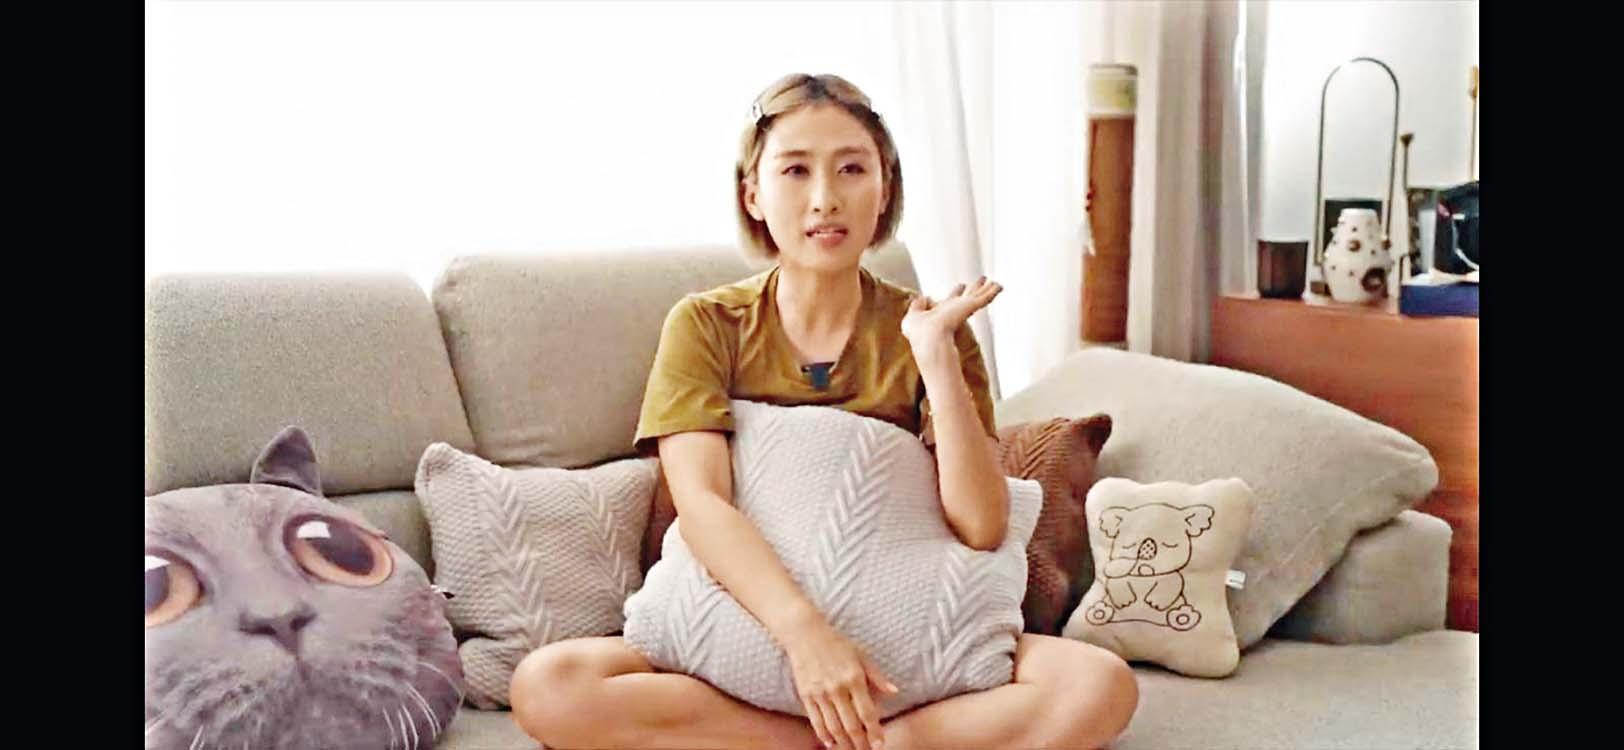 符曉薇去年因宮外孕致輸卵管爆裂,須緊急切除左邊輸卵管,之後她亦於社交網分享感受。